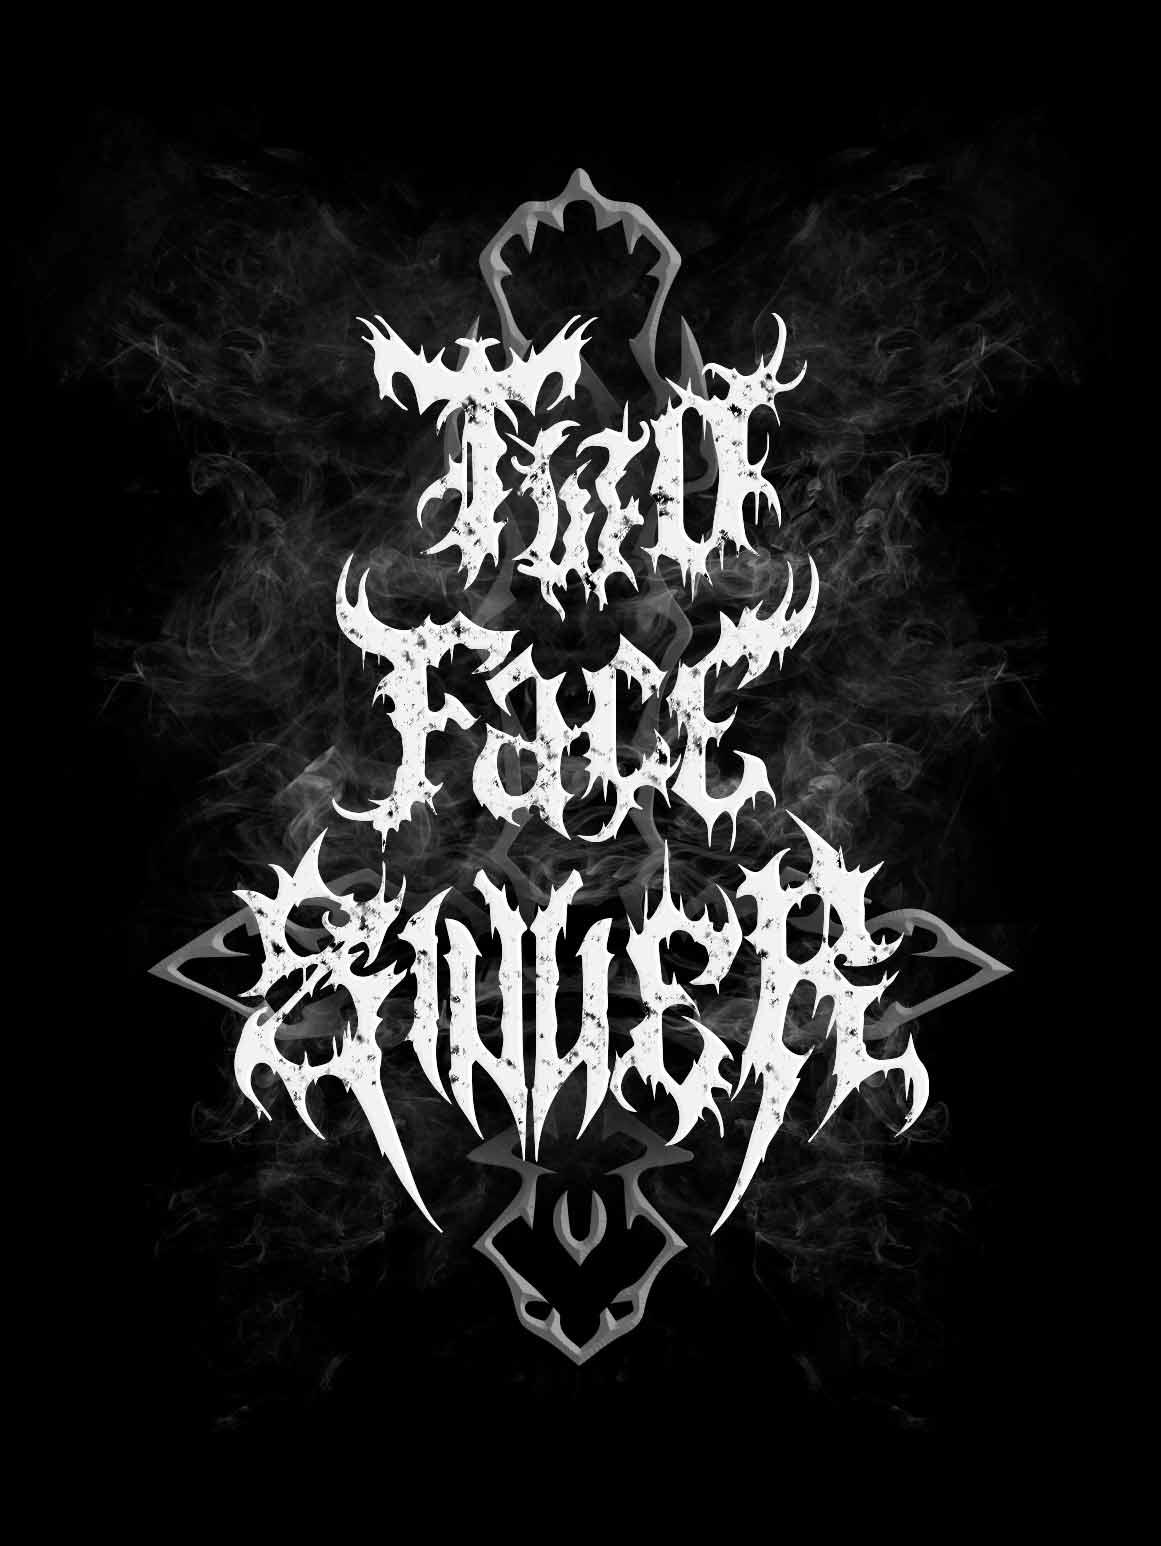 Two Face Sinner - Logo